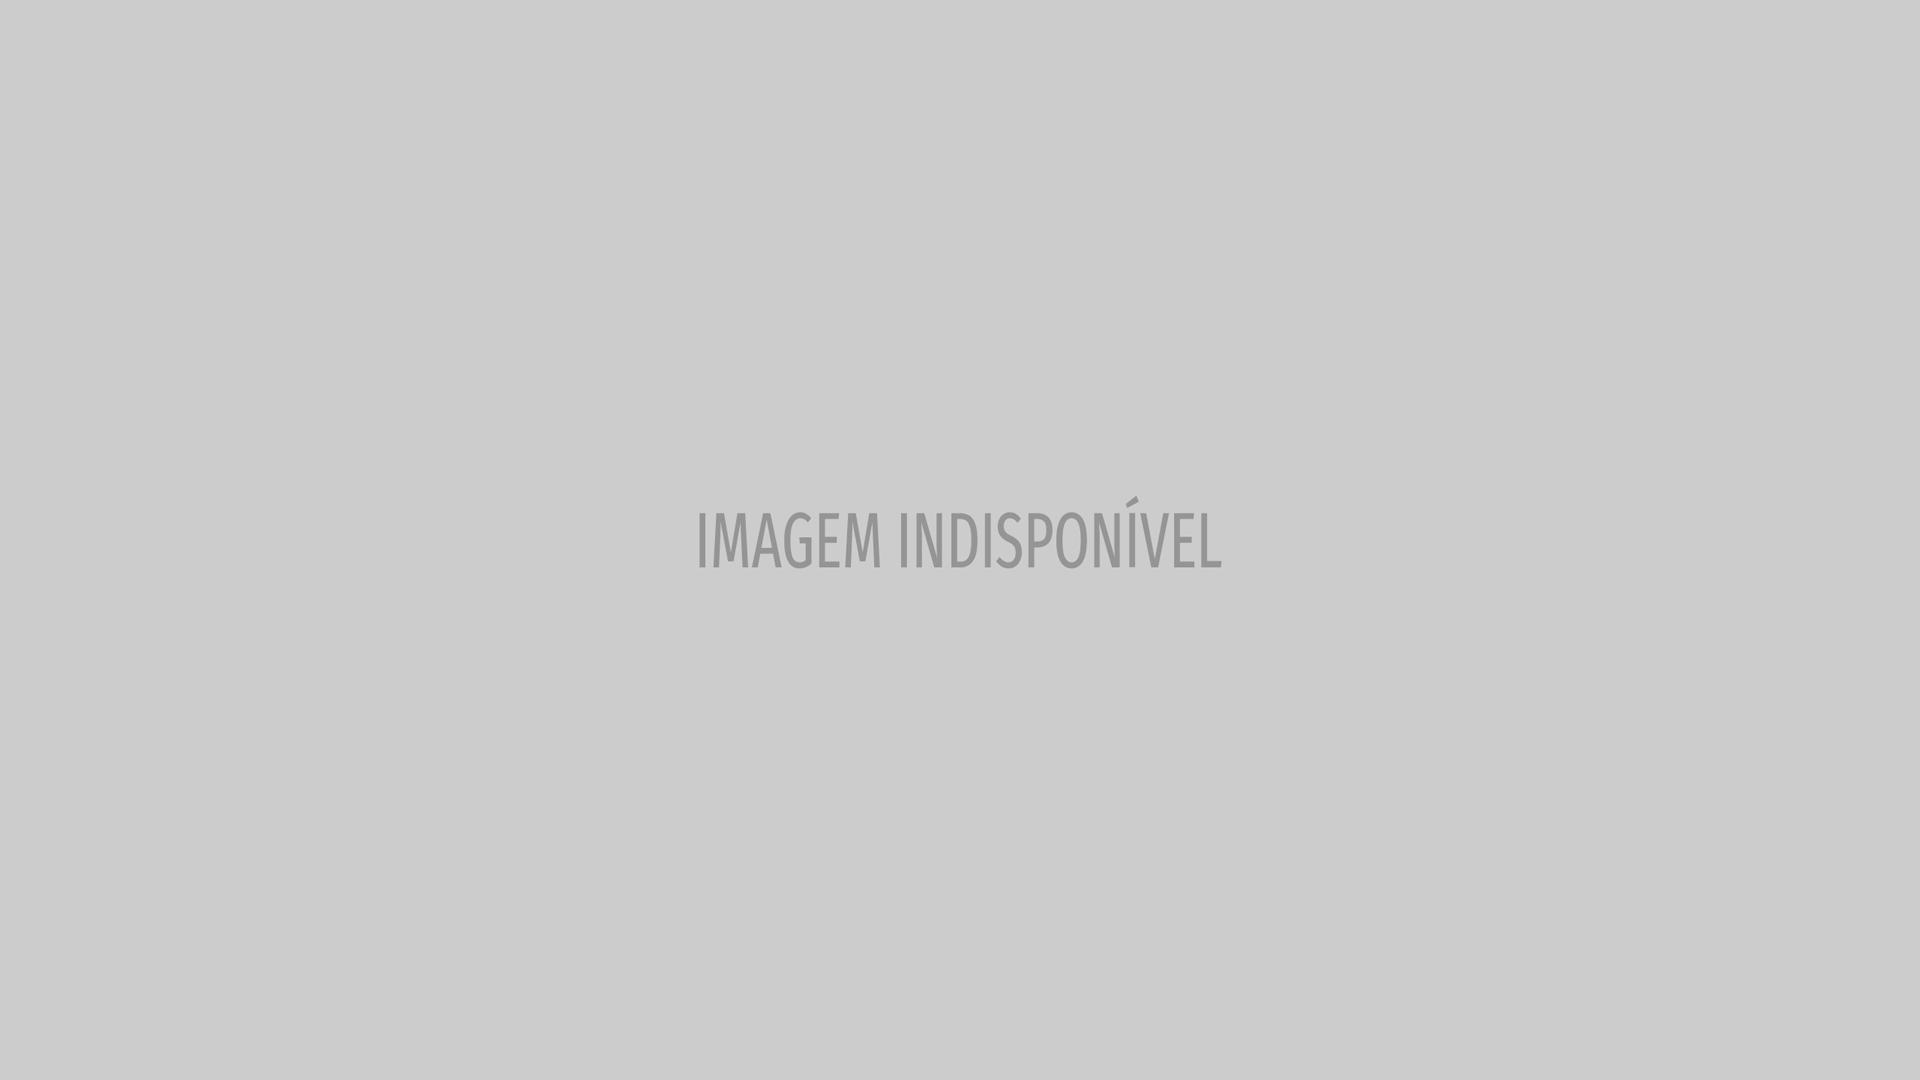 Após comentários homofóbicos, atriz pede desculpa a Daniel Franzese